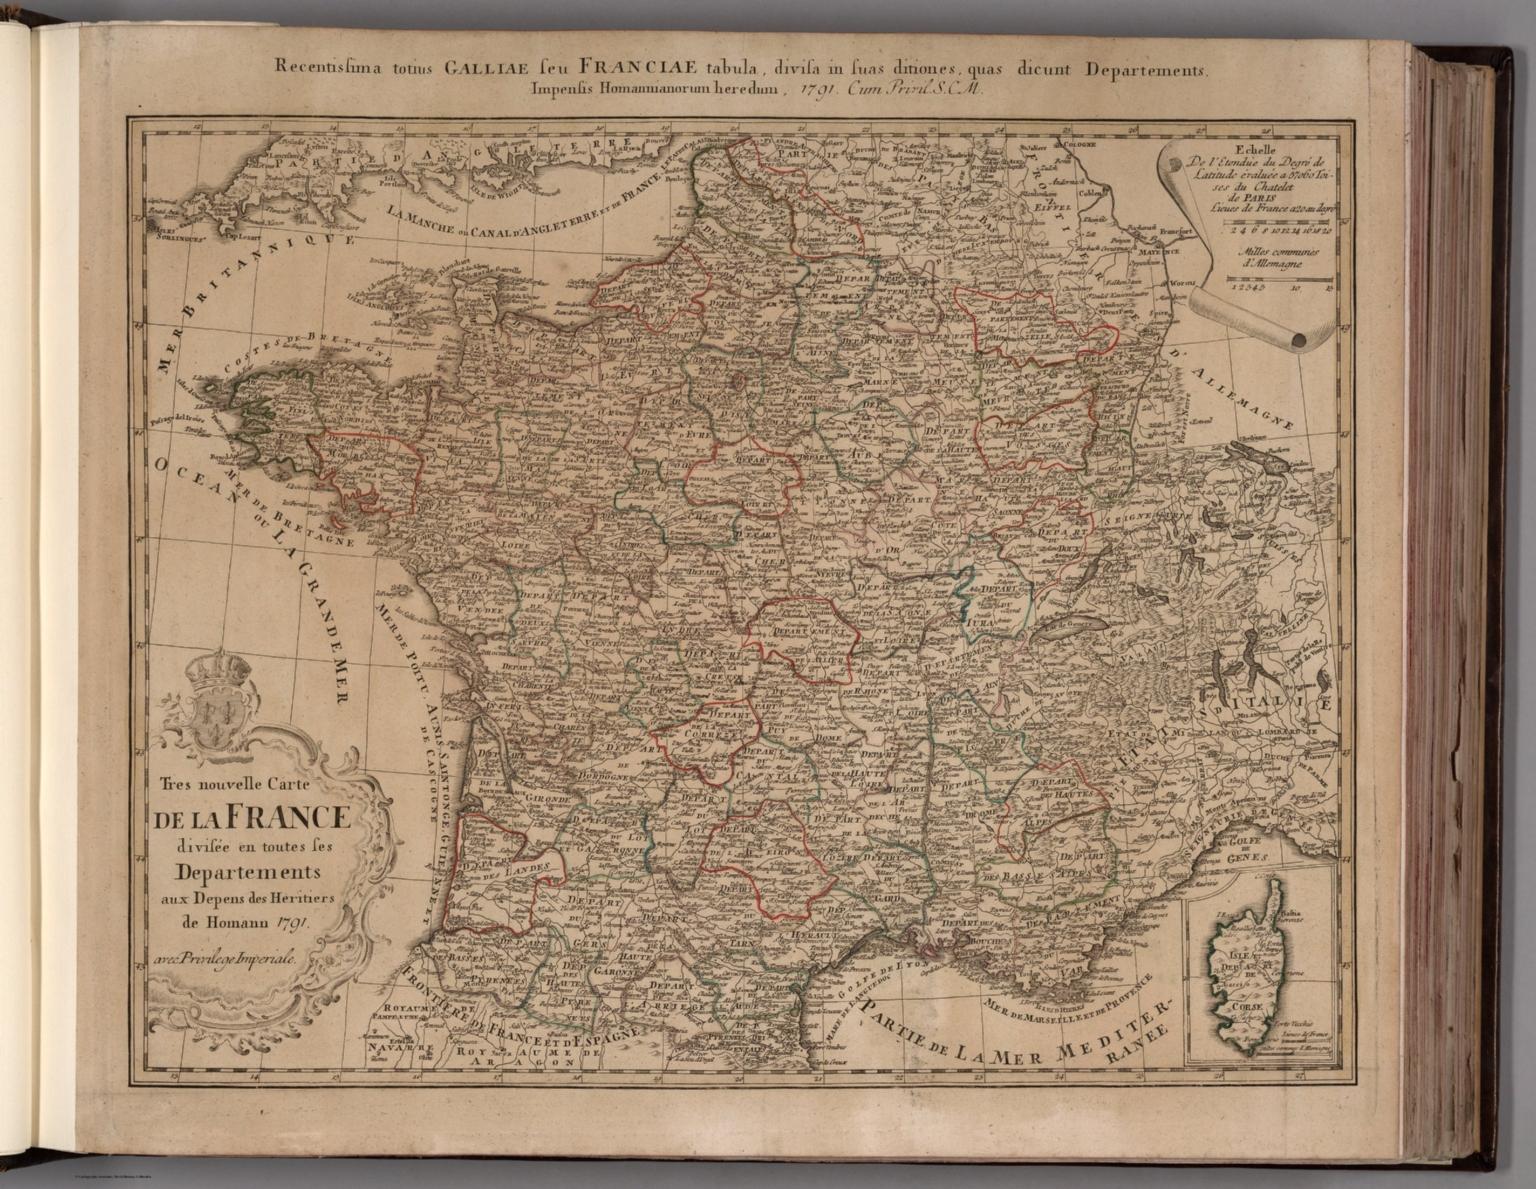 Tres nouvelle Carte de la France divisee en toutes ses Departements.